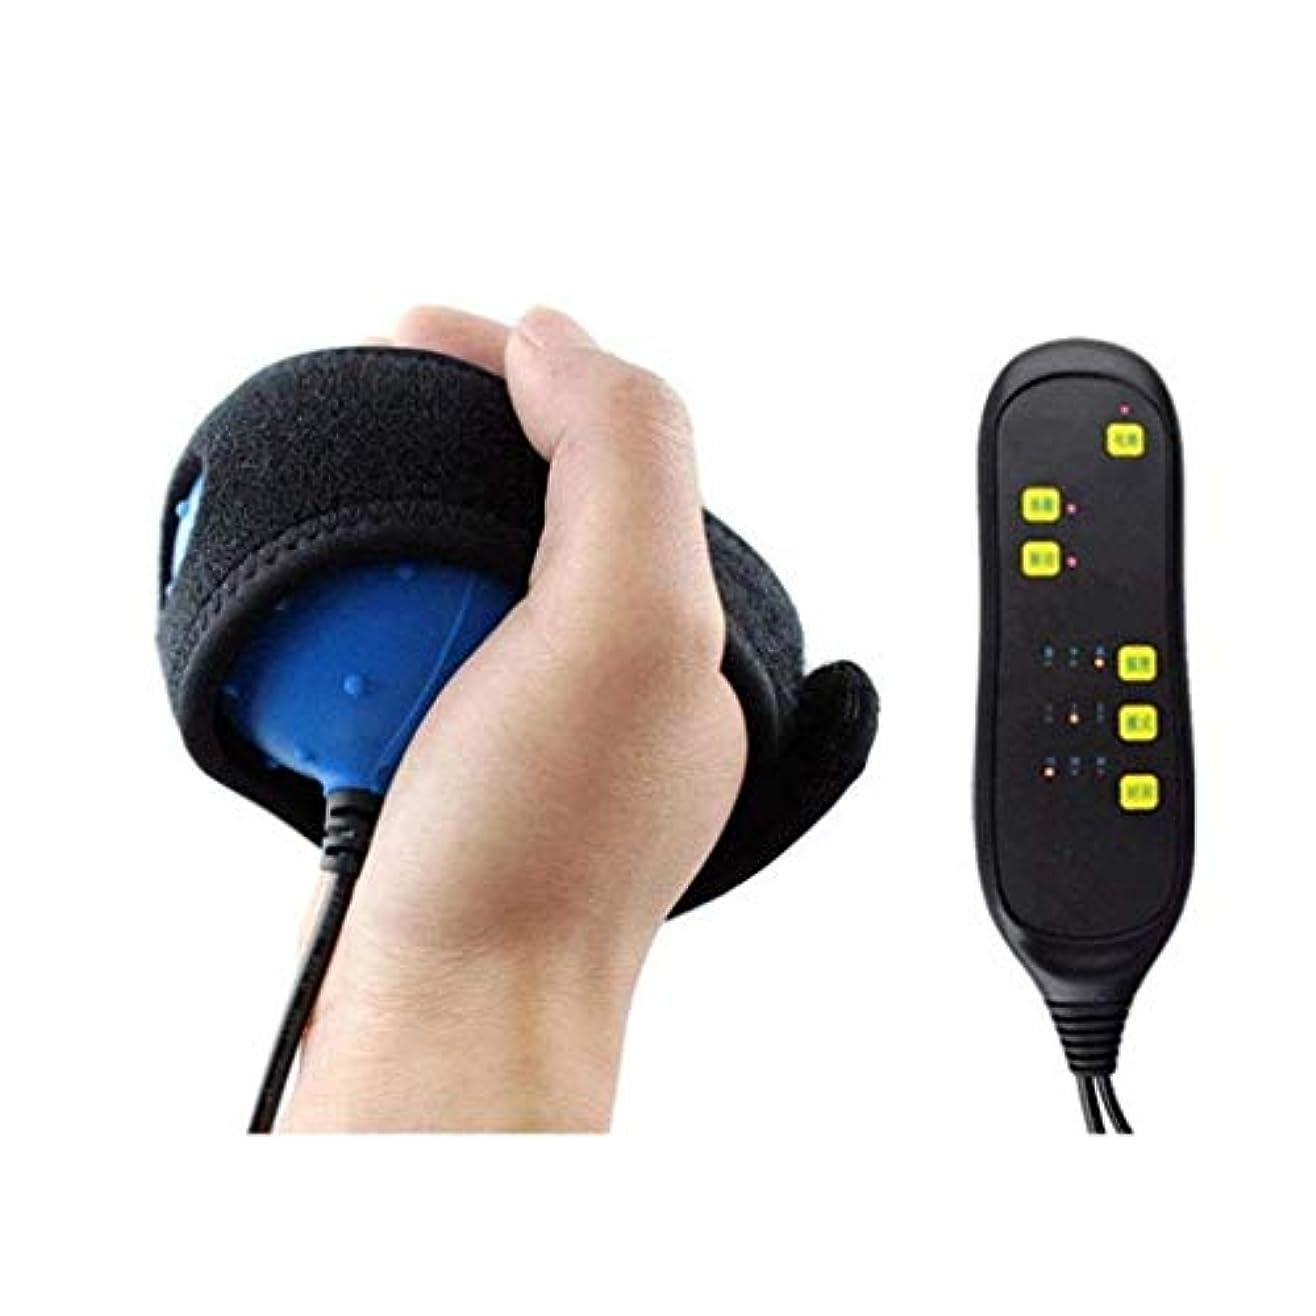 消すスリムドライ指マッサージ器、電動指リハビリテーショントレーナー、脳卒中片麻痺指回復熱マッサージャー治療ボール、指屈曲矯正ツール (Color : 02)